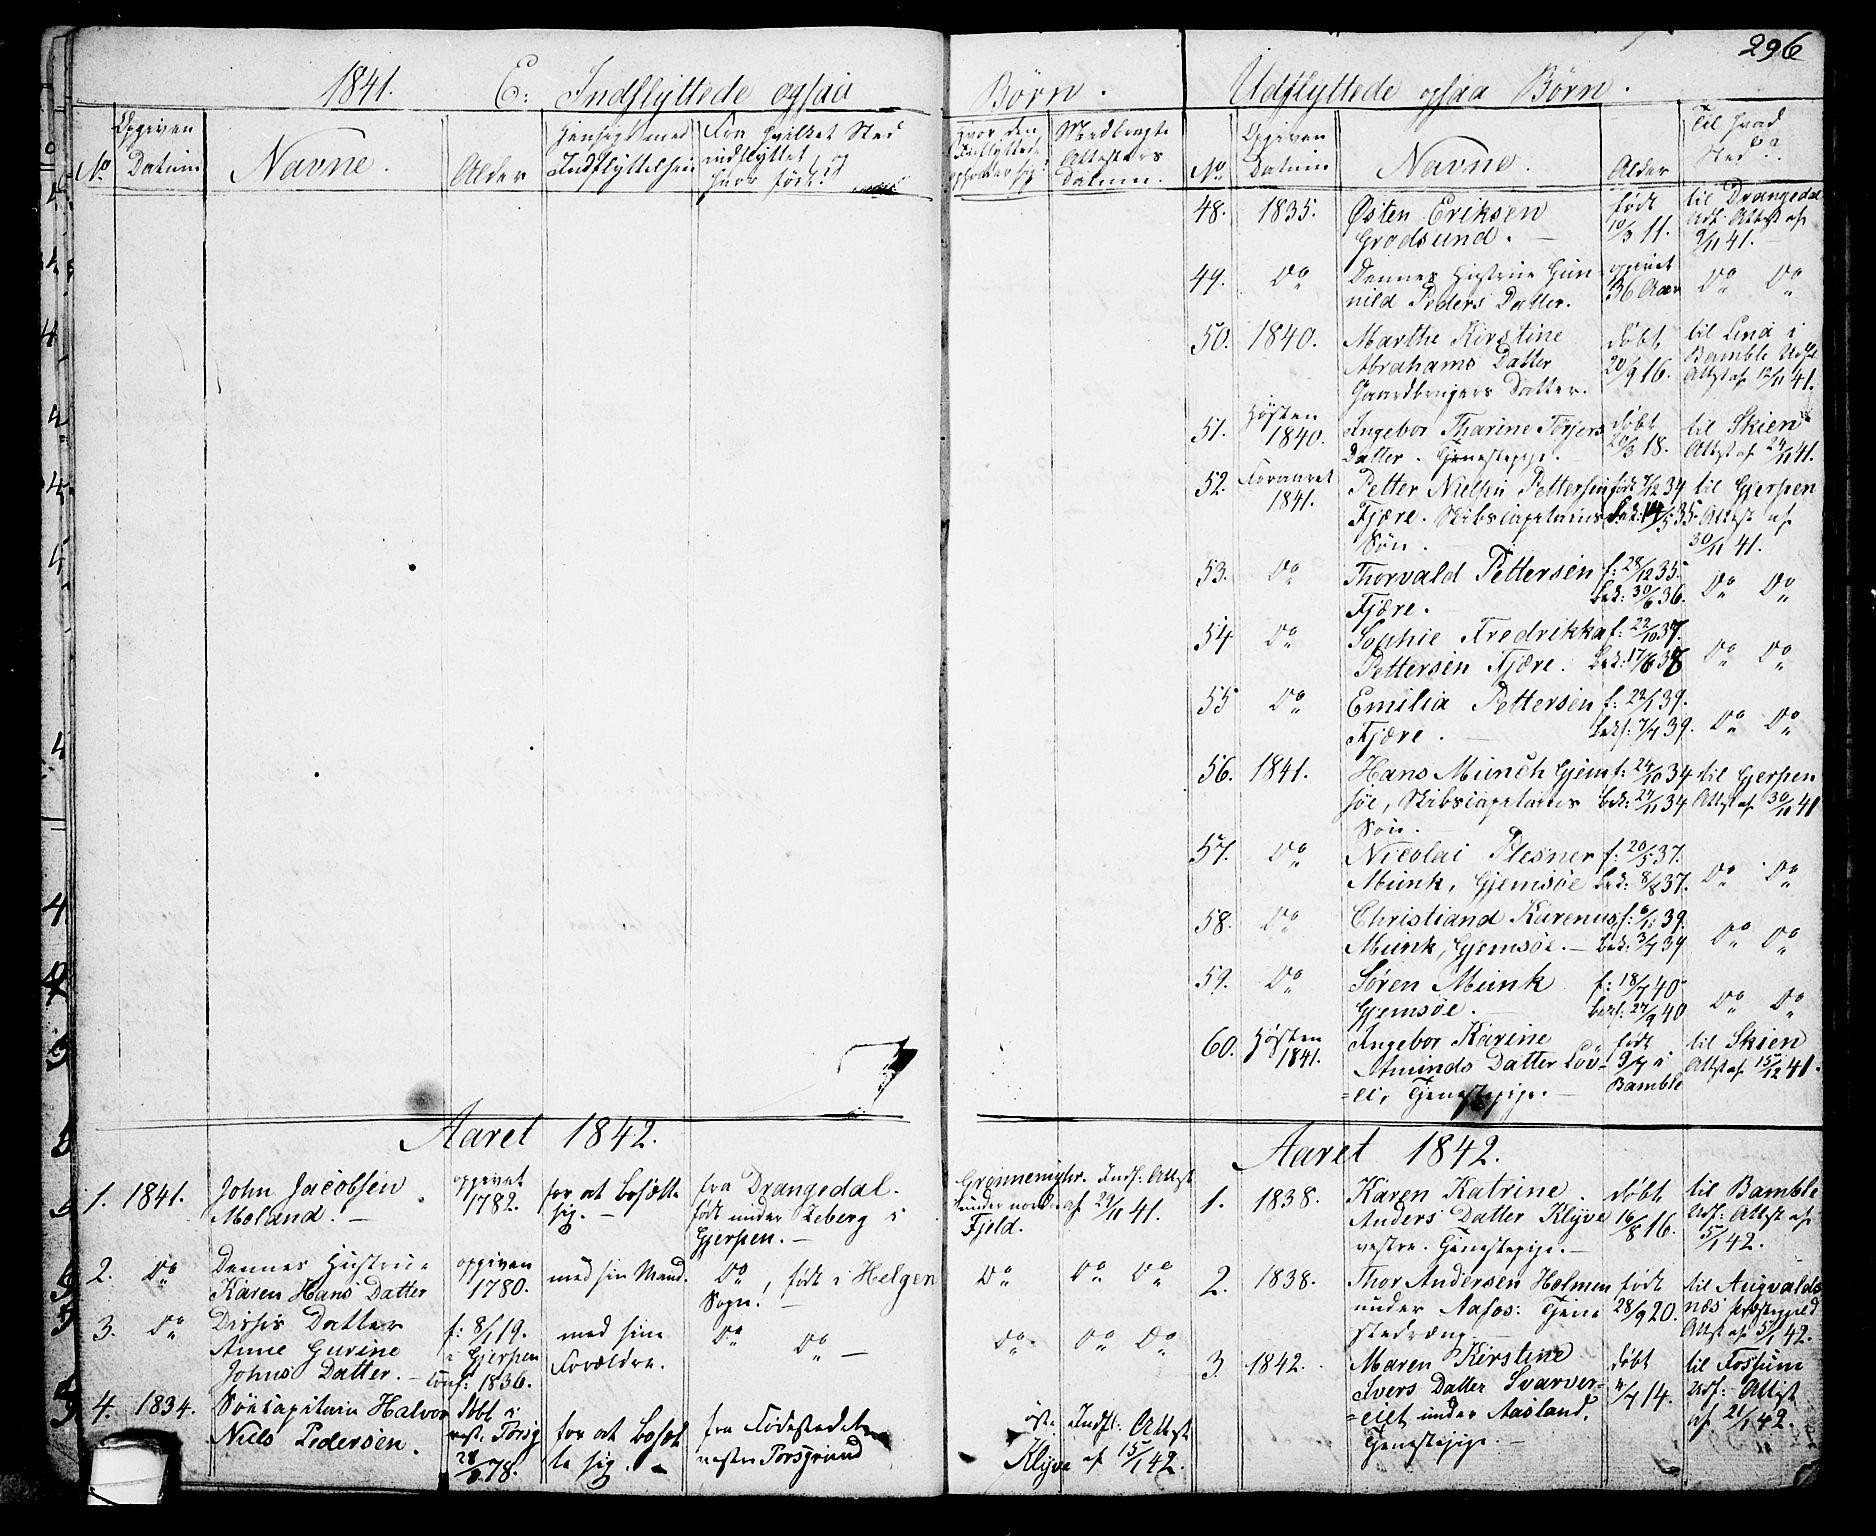 SAKO, Solum kirkebøker, G/Ga/L0002: Klokkerbok nr. I 2, 1834-1848, s. 296